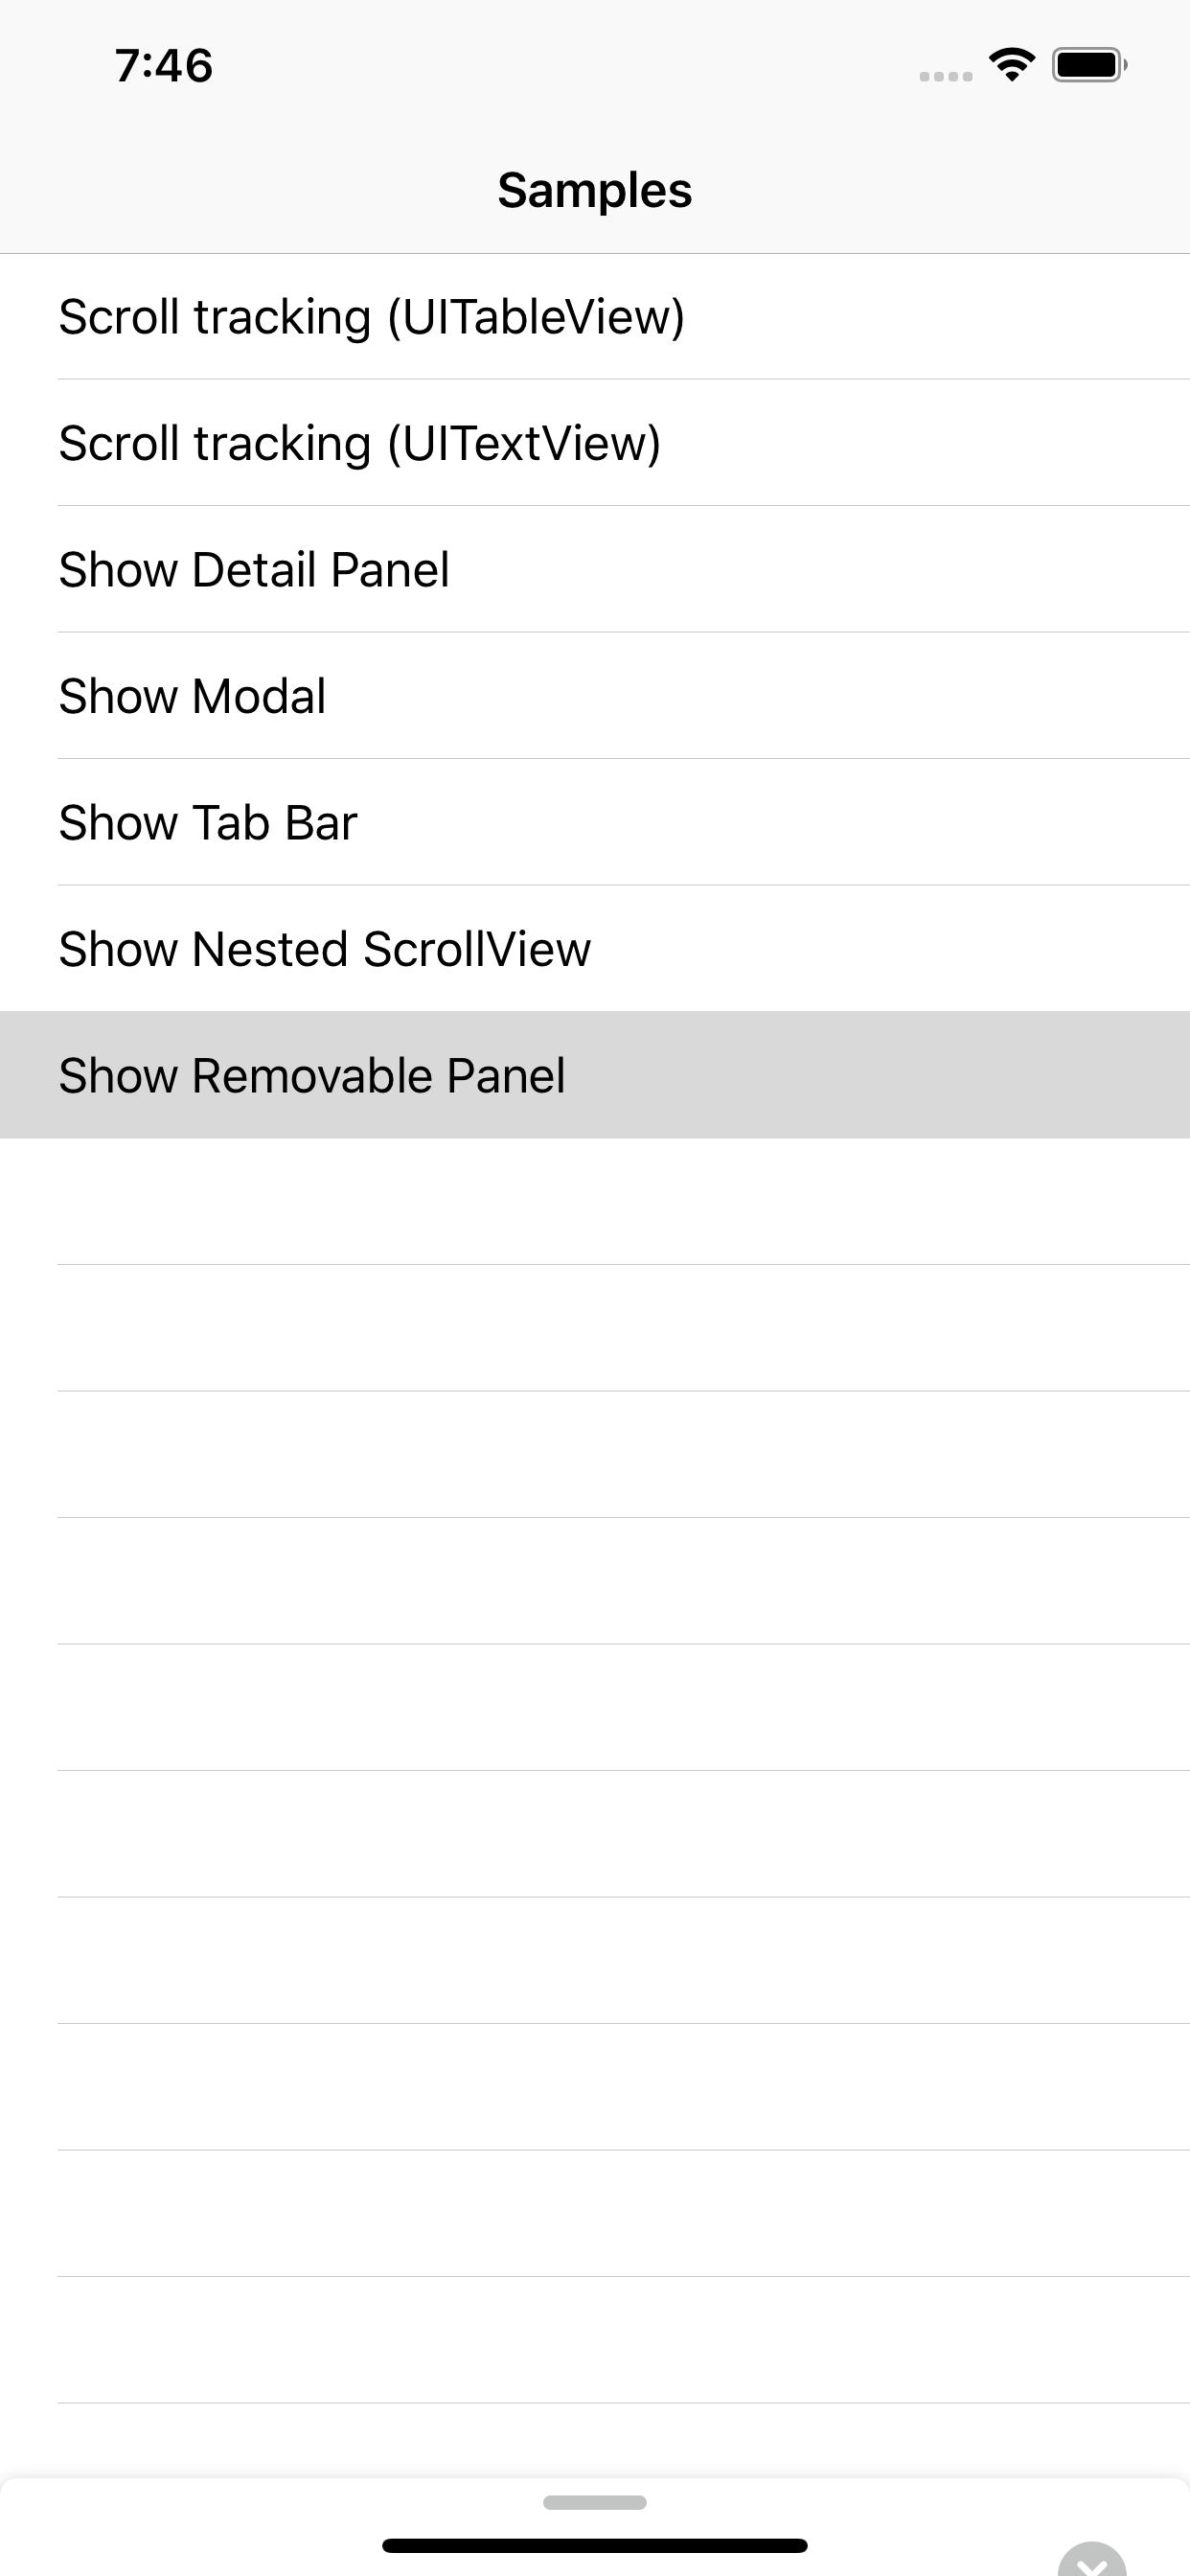 simulator screen shot - iphone xs max - 2018-11-03 at 07 46 16